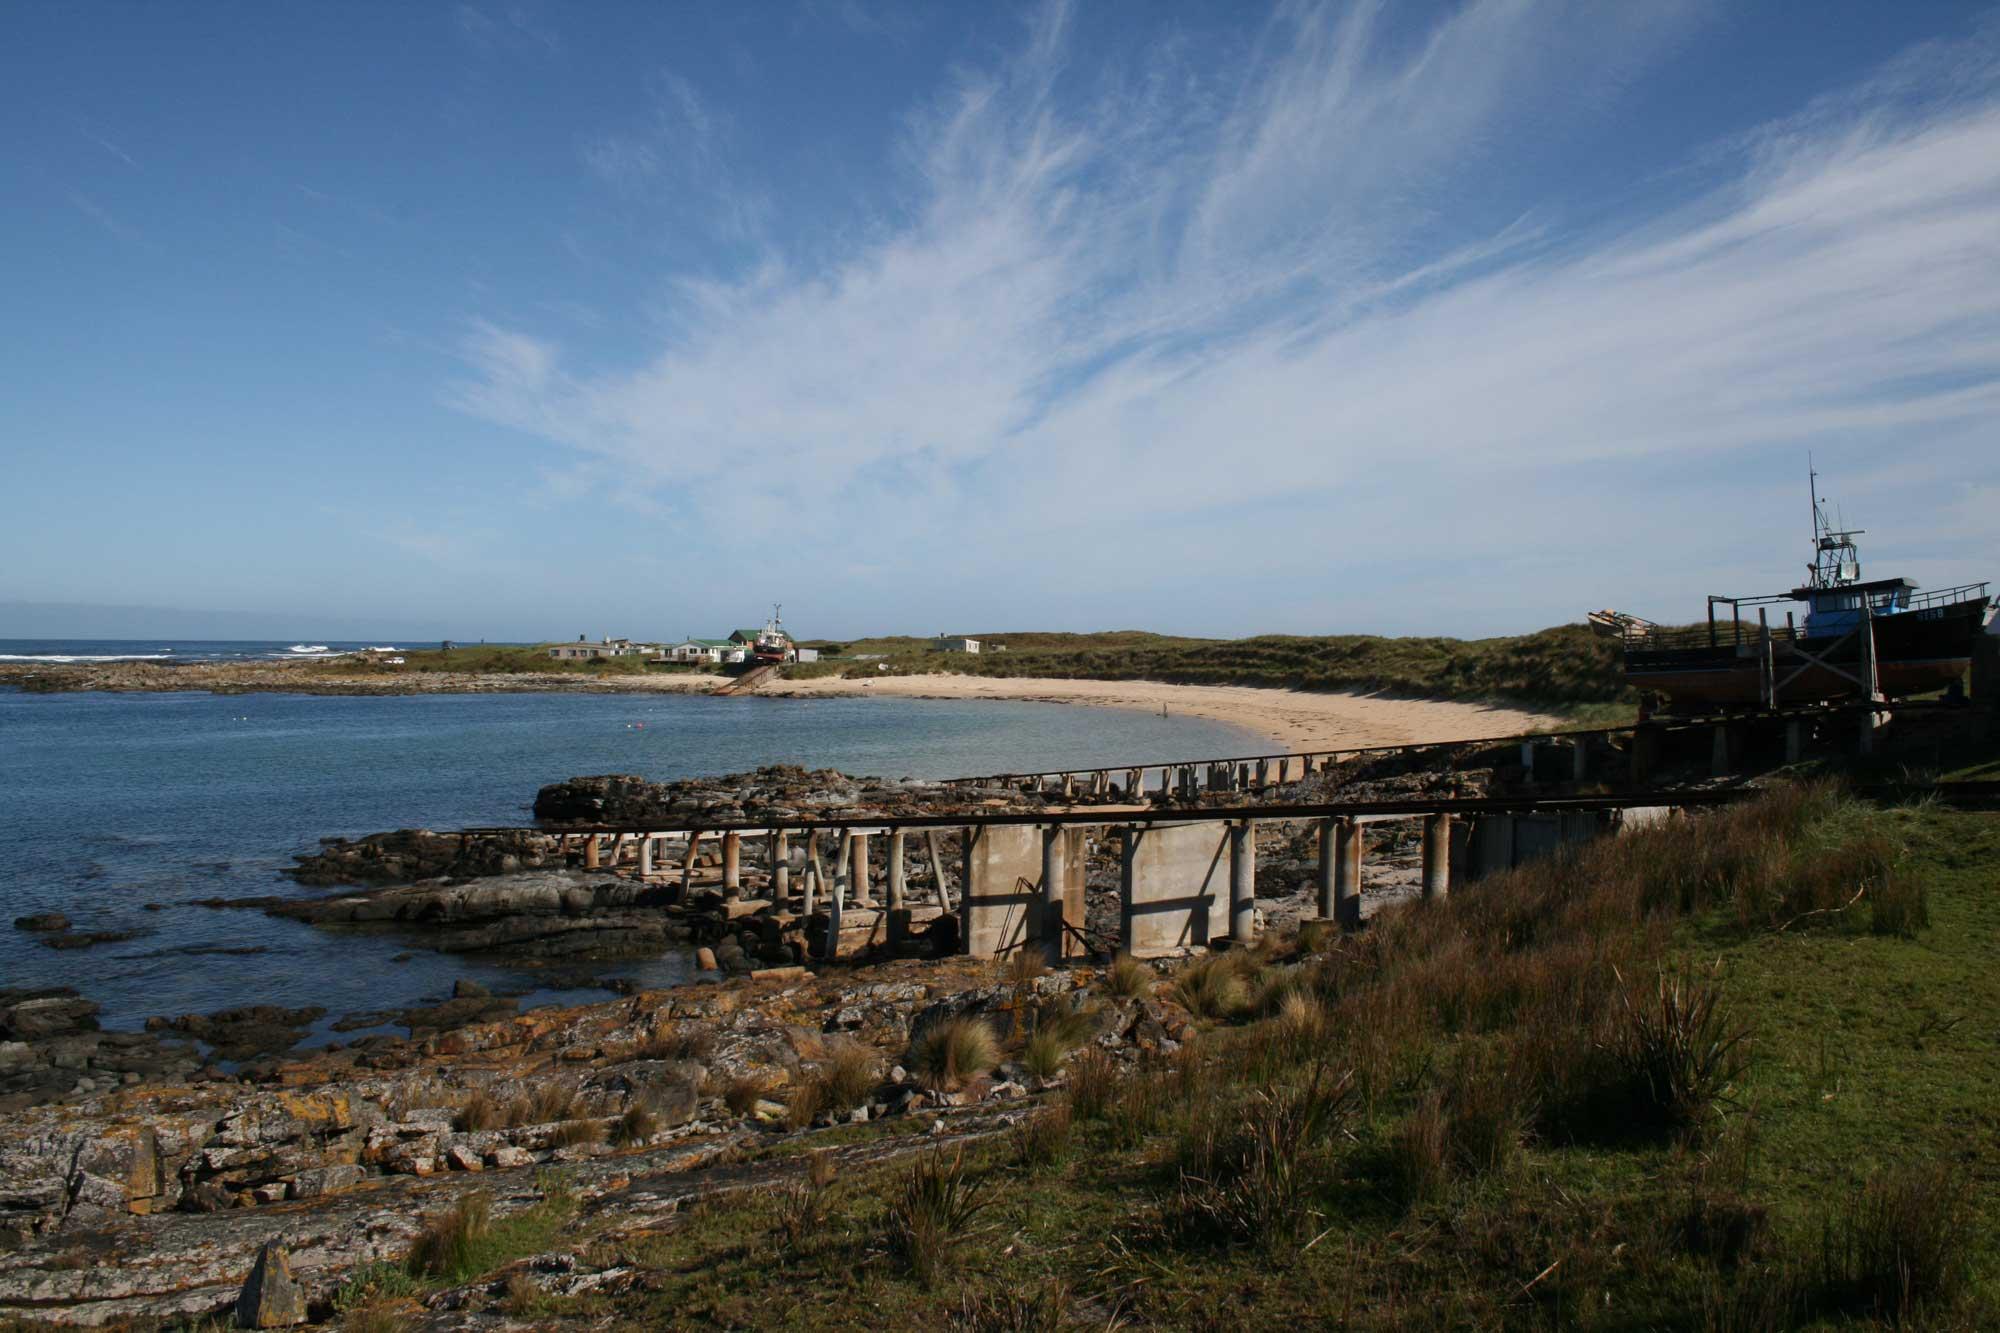 4X4 Destination: Arthur River to Sandy Cape